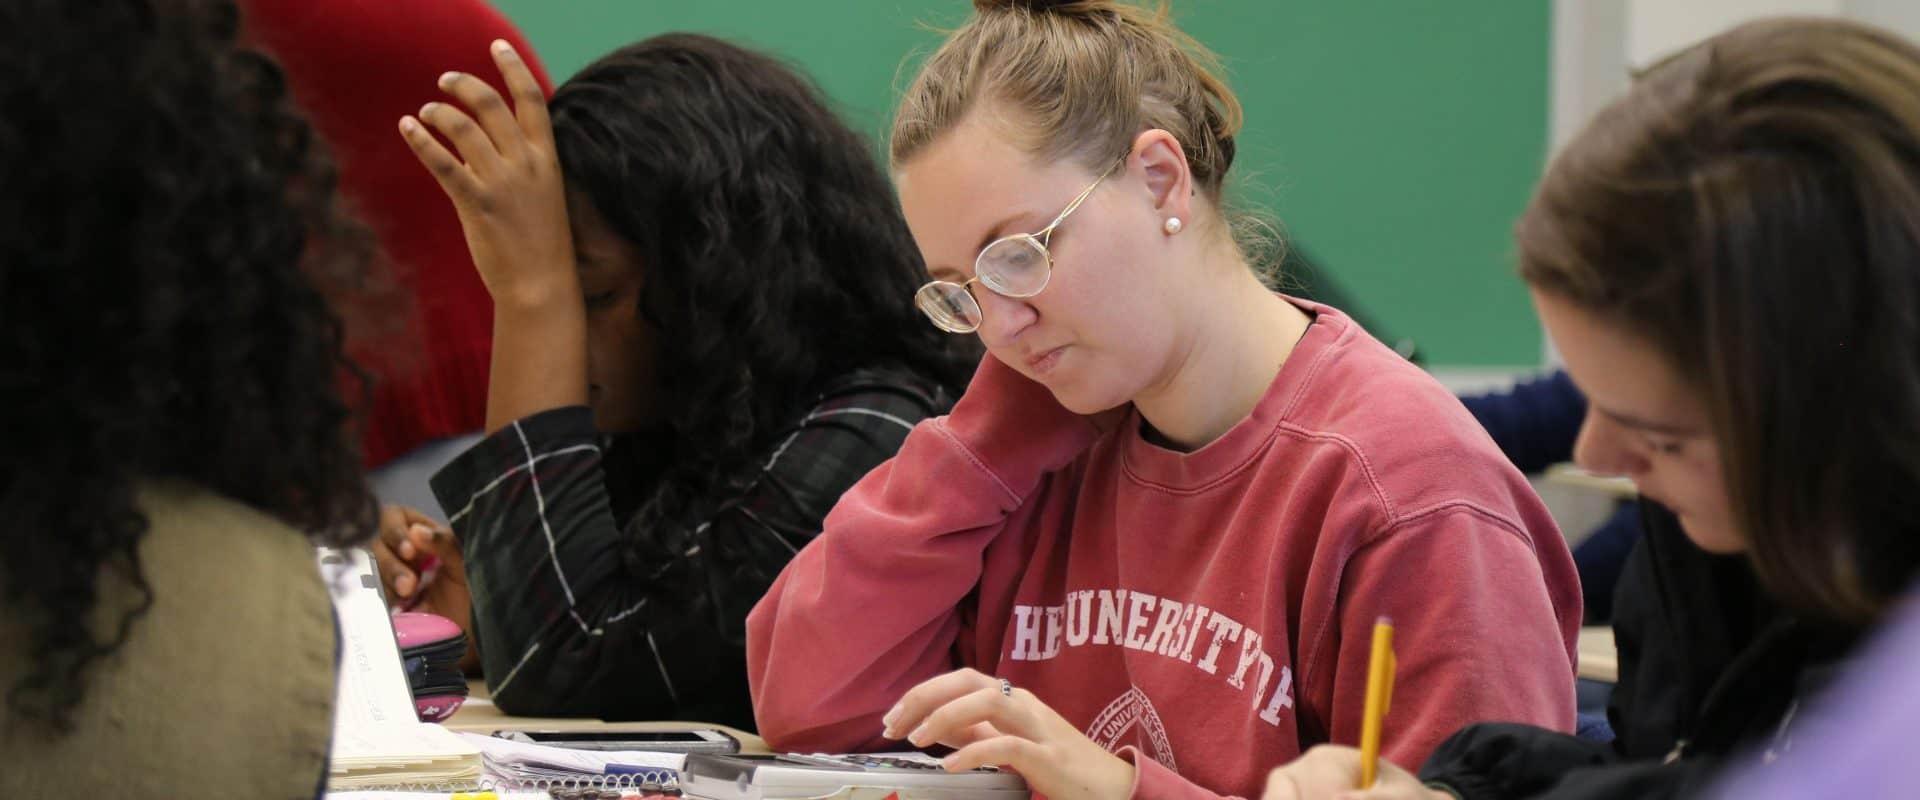 WPU Student in class.